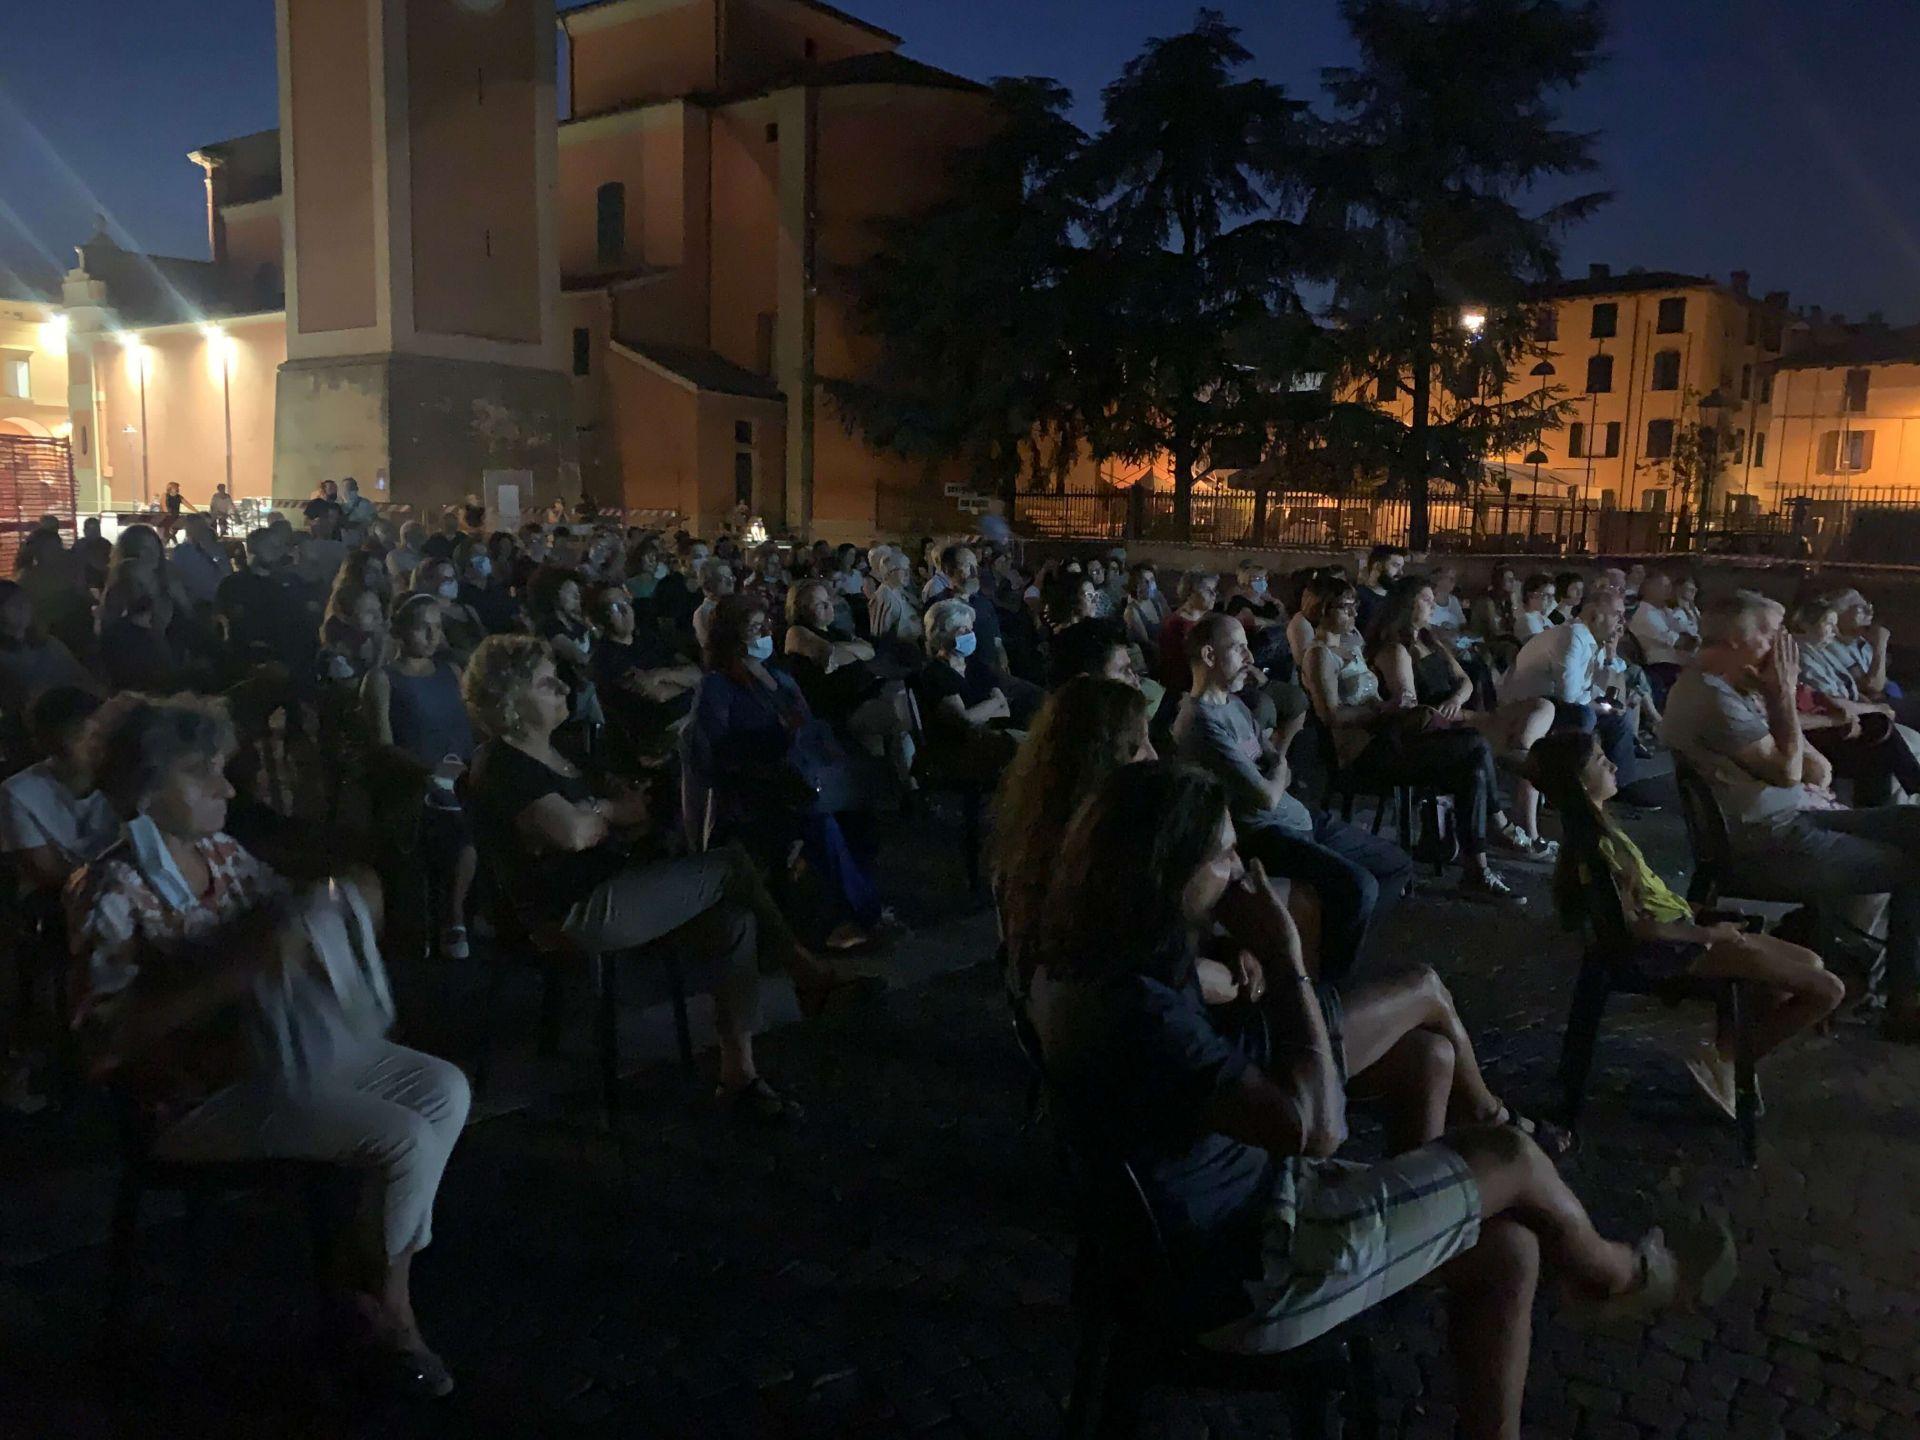 Duecento persone bellissime tutte riunite in una piazza…che serata con le mie eroine della scienza, grazie!